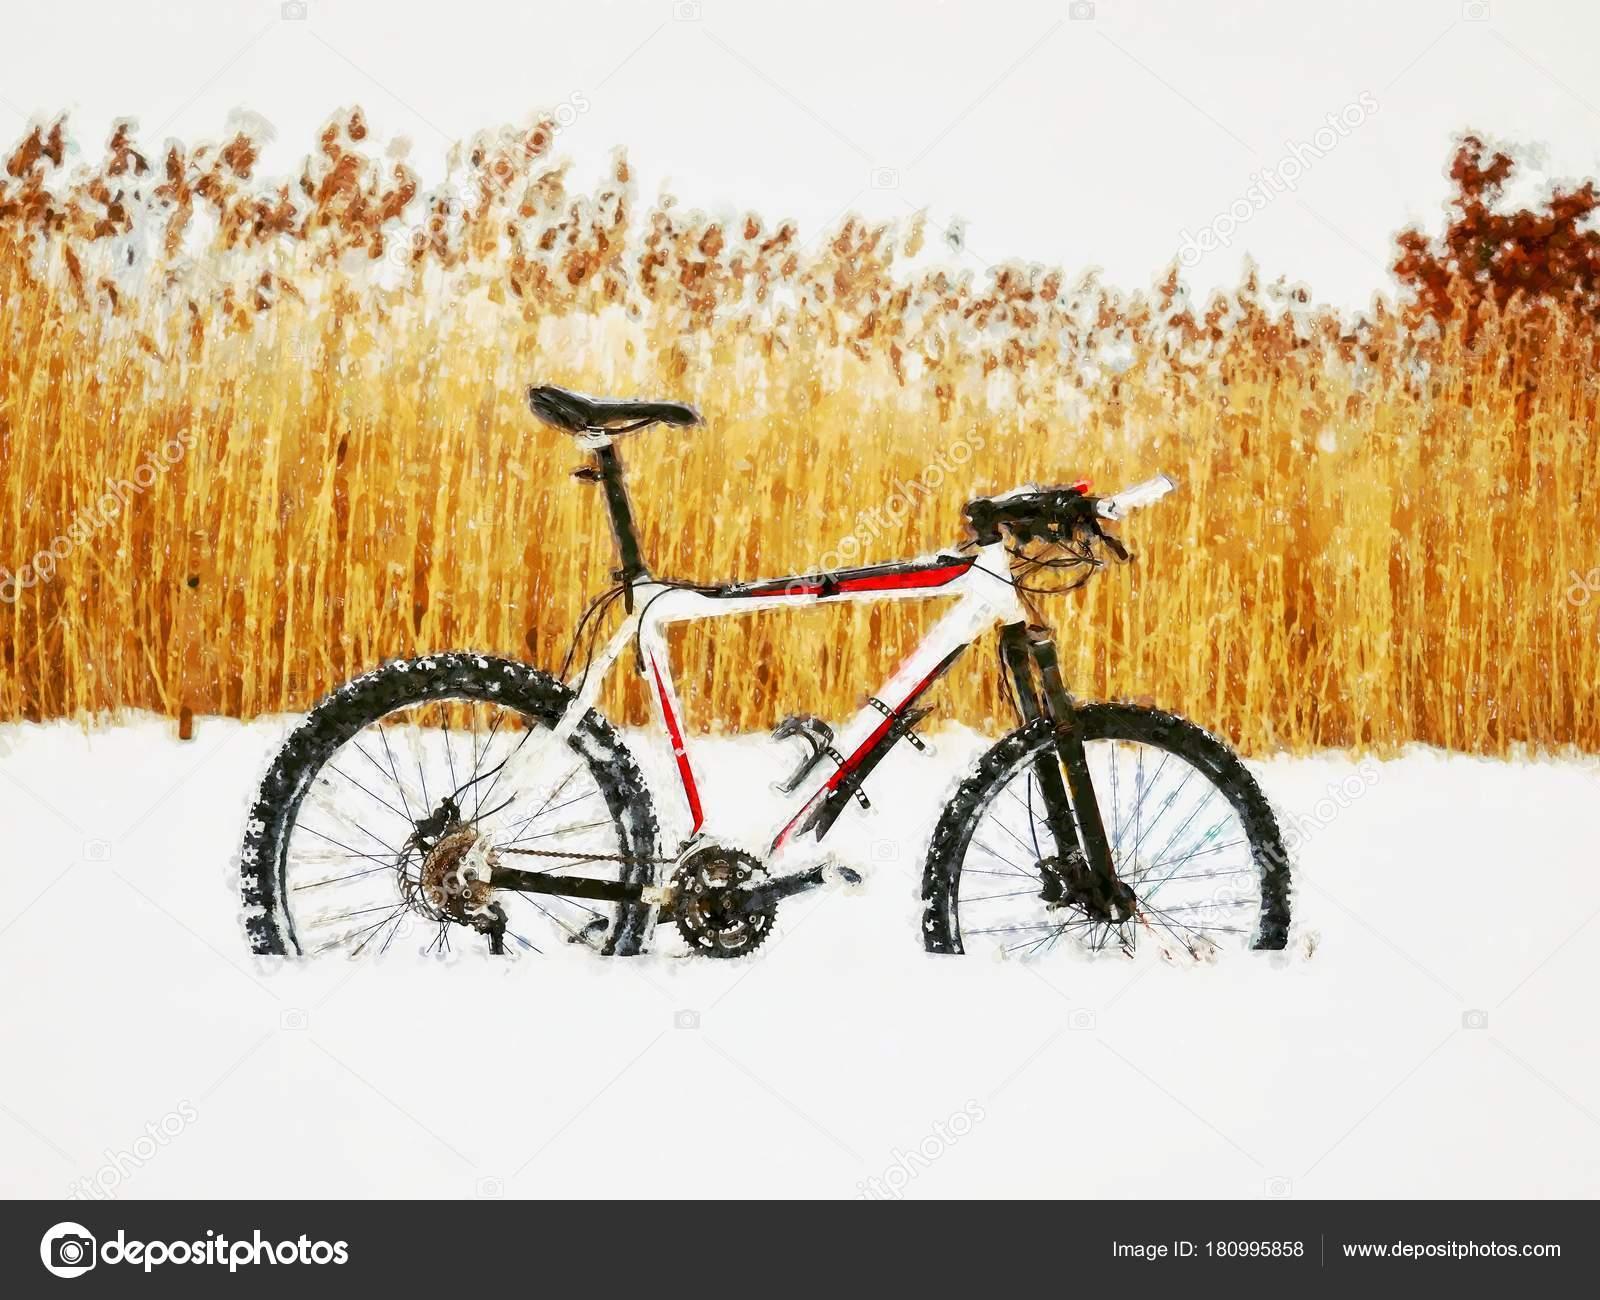 Yağlı Boya Dağ Bisikleti Karda Kal Derin Rüzgârla Oluşan Kar